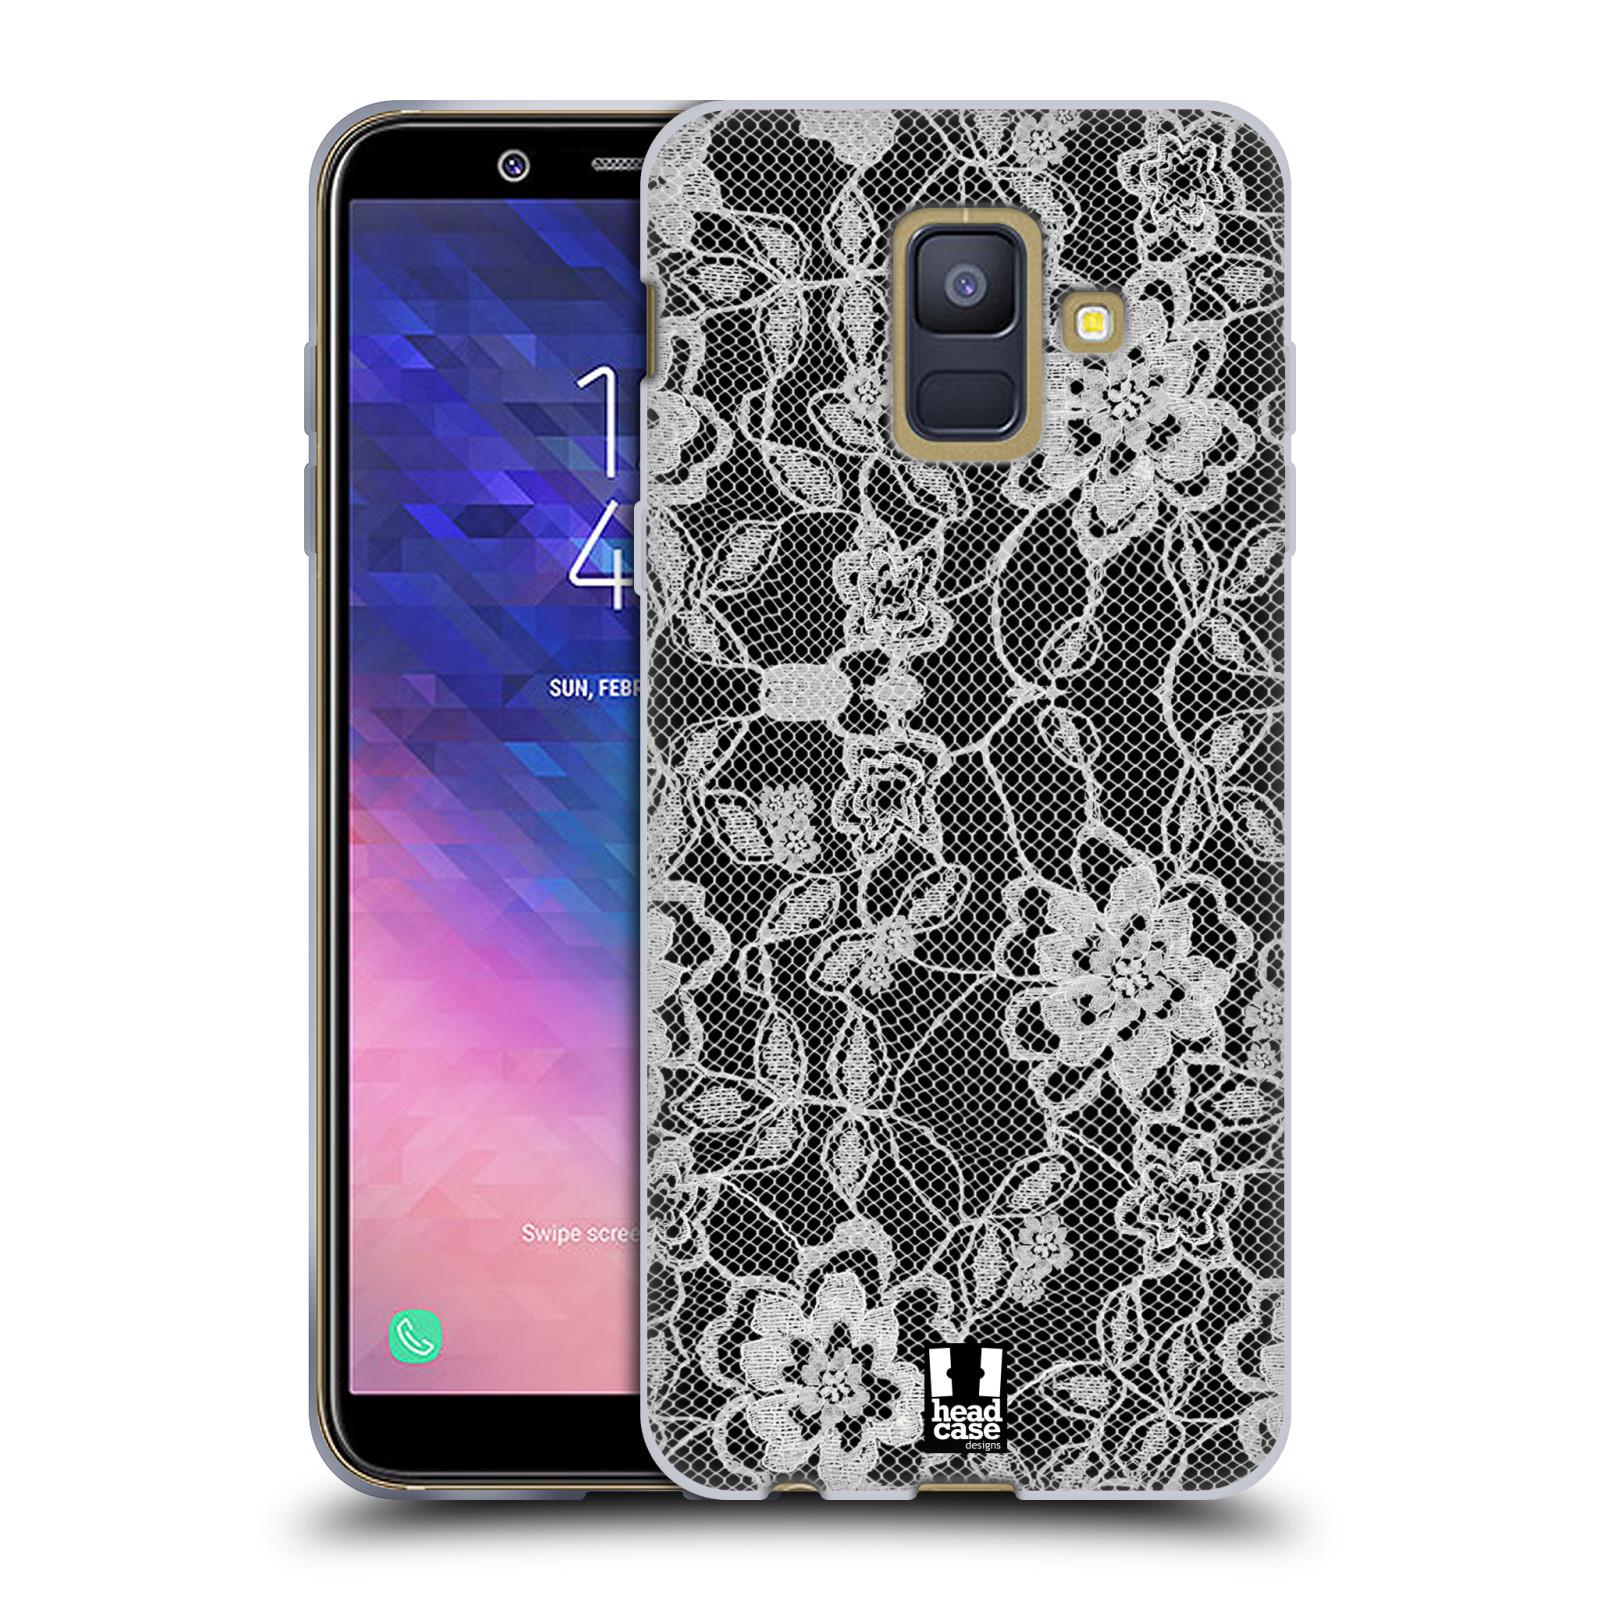 Silikonové pouzdro na mobil Samsung Galaxy A6 (2018) - Head Case - FLOWERY KRAJKA